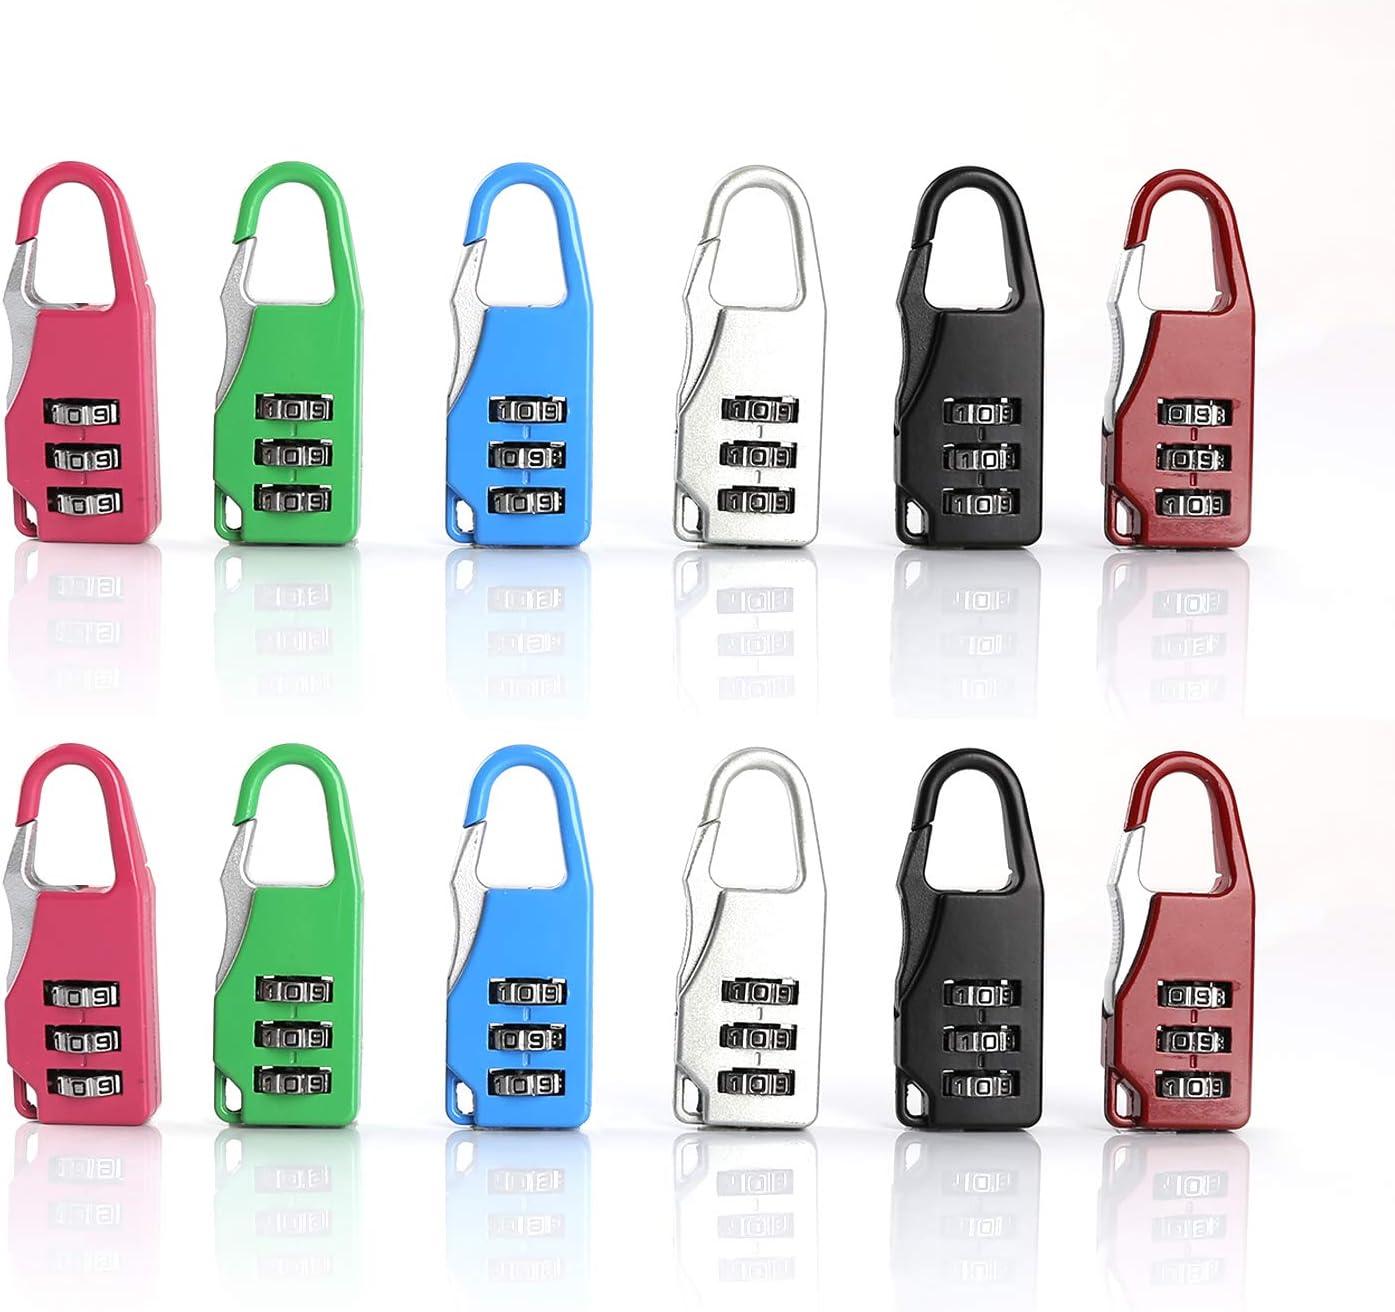 5 x Cadenas /à Combinaison Noir DazSpirit 3 Digit Combinaison Cadenas de S/écurit/é Luggage Locks pour valises de Voyage Bag Lockers Case Gym Backpack Rouge et Argent Rose Bleu